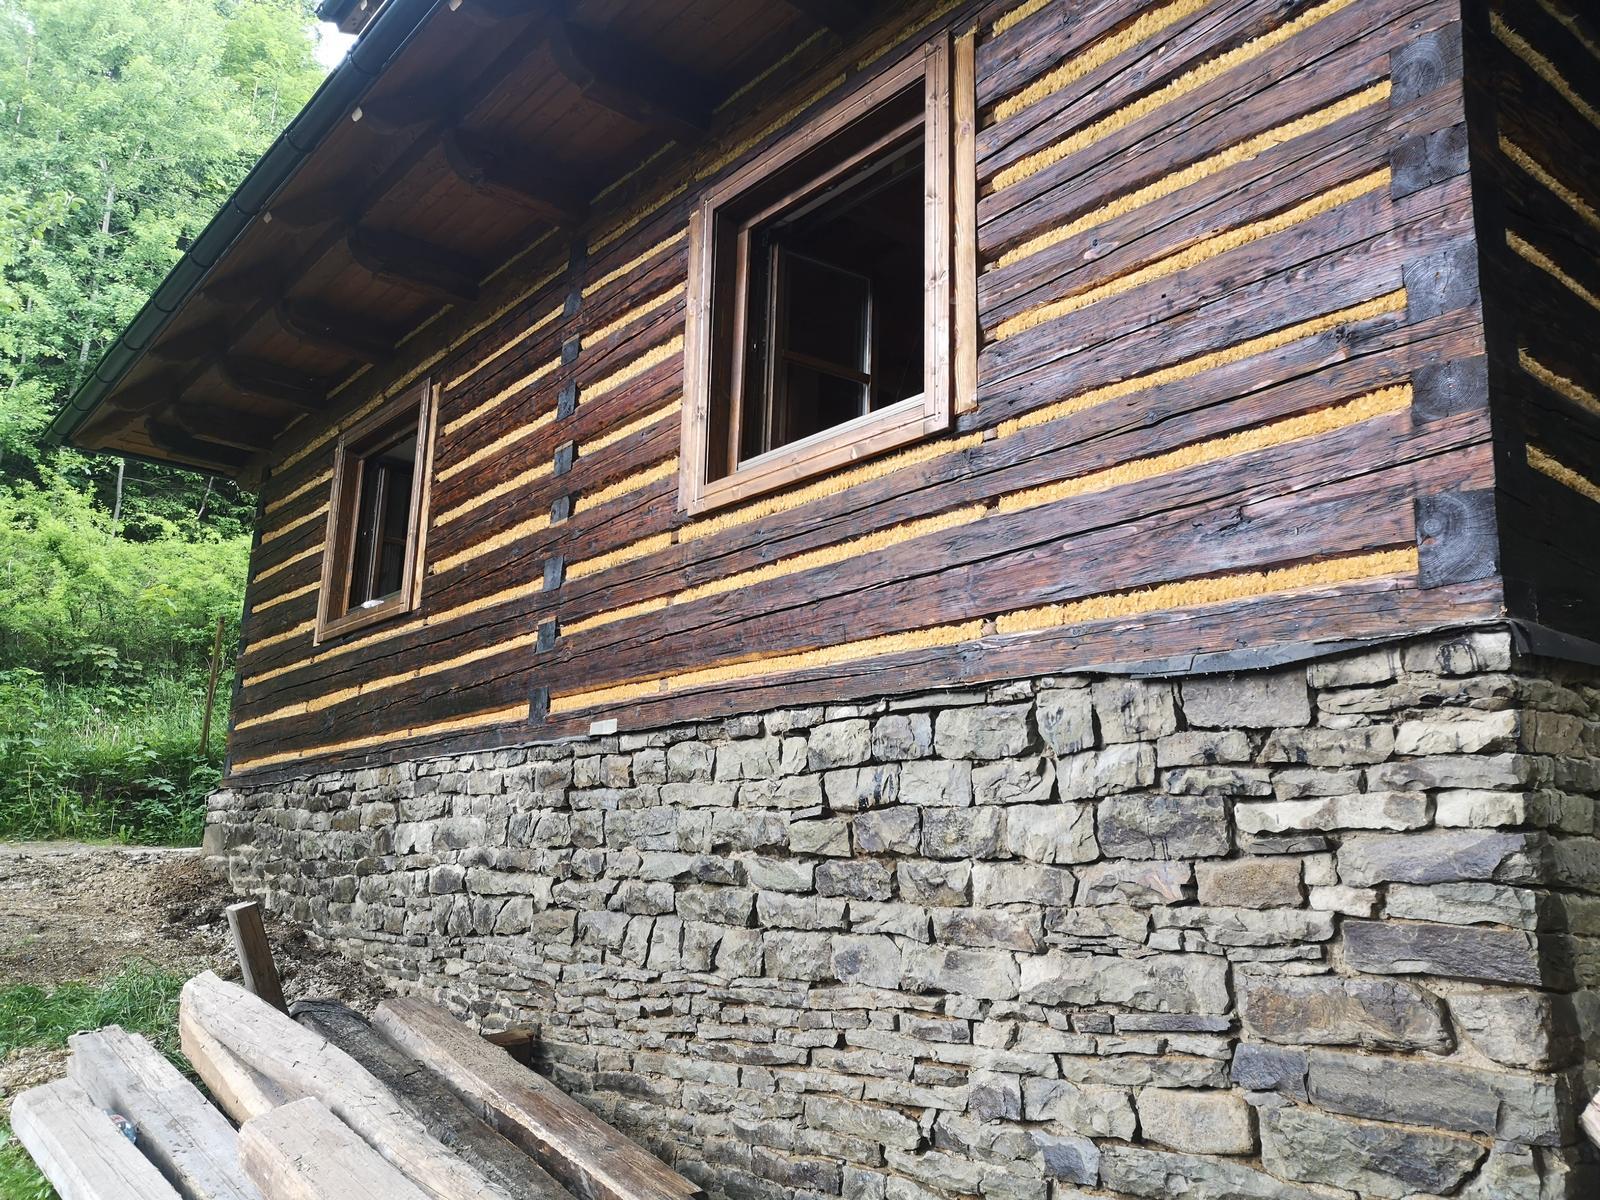 Na samote u lesa - Obrázok č. 112